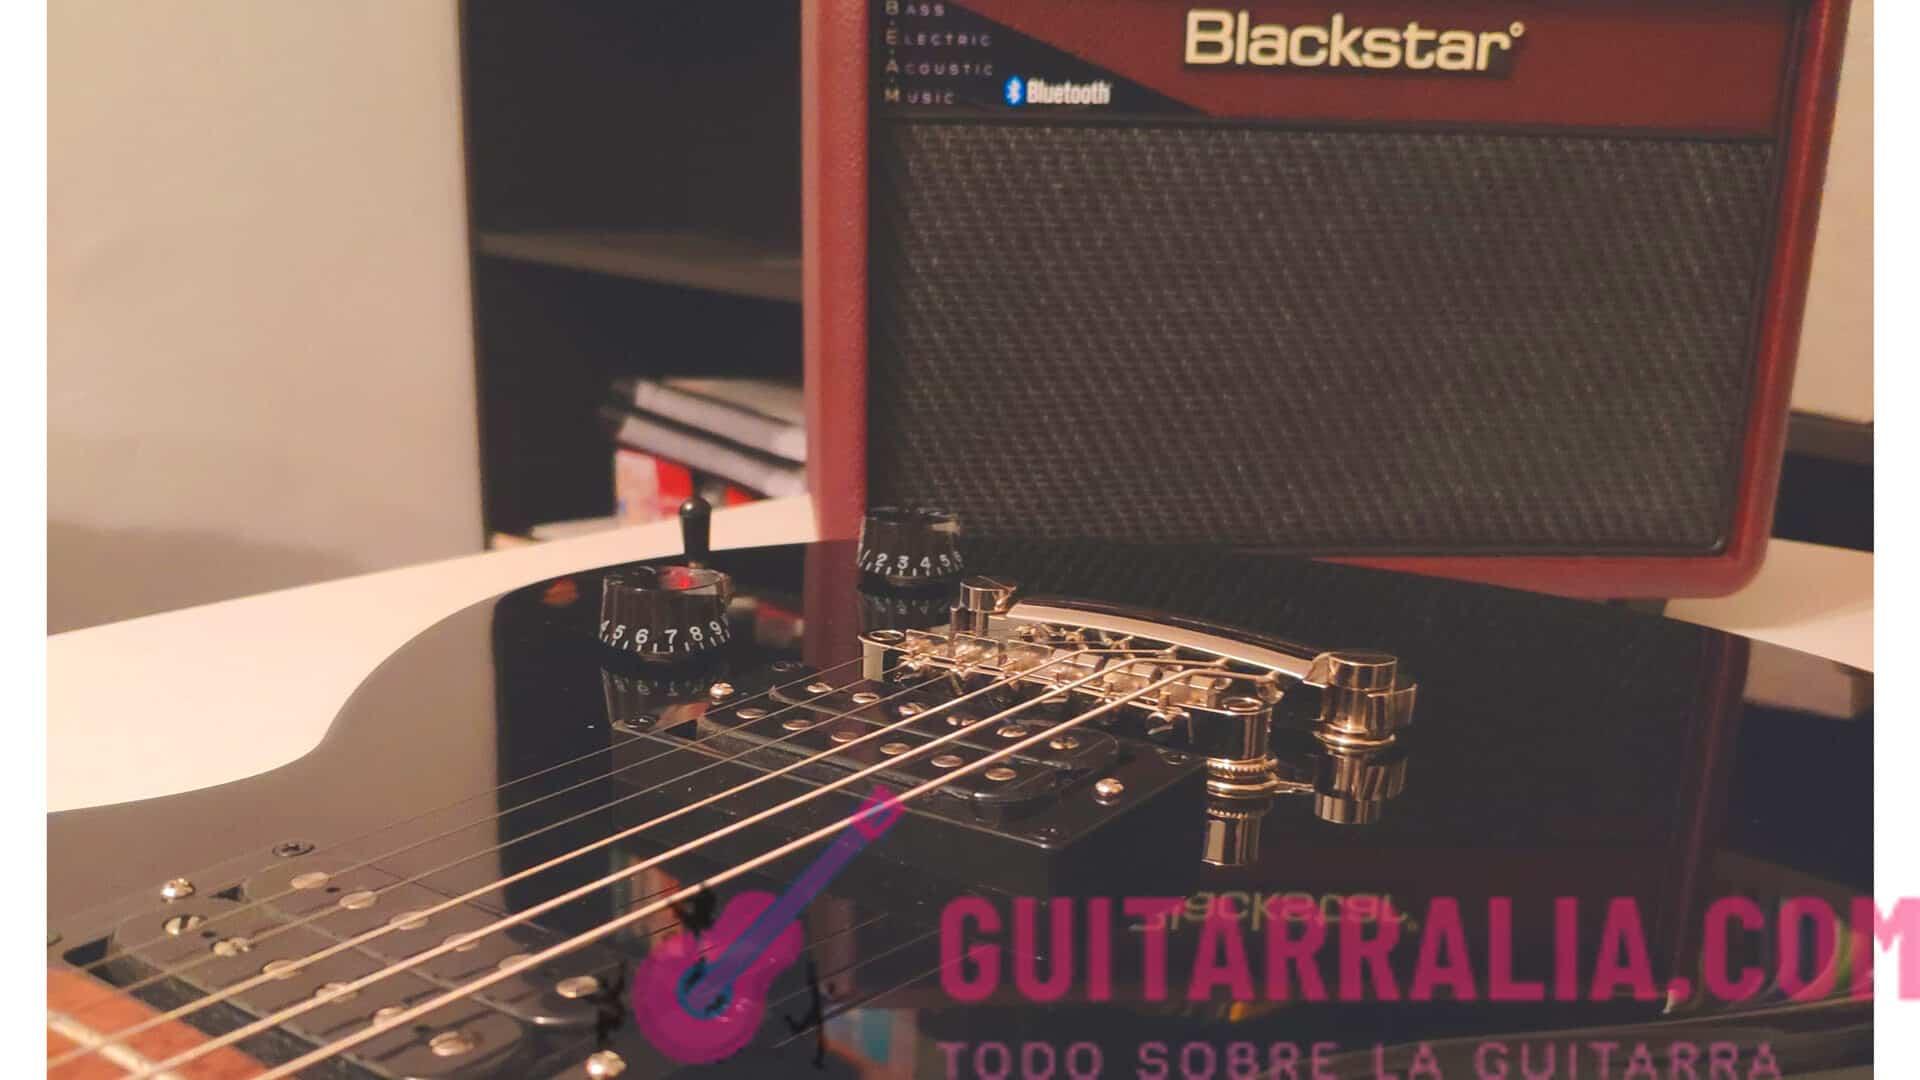 ¿Qué guitarra para principiantes comprar? ¿Qué empiezo a tocar cuando la tenga?